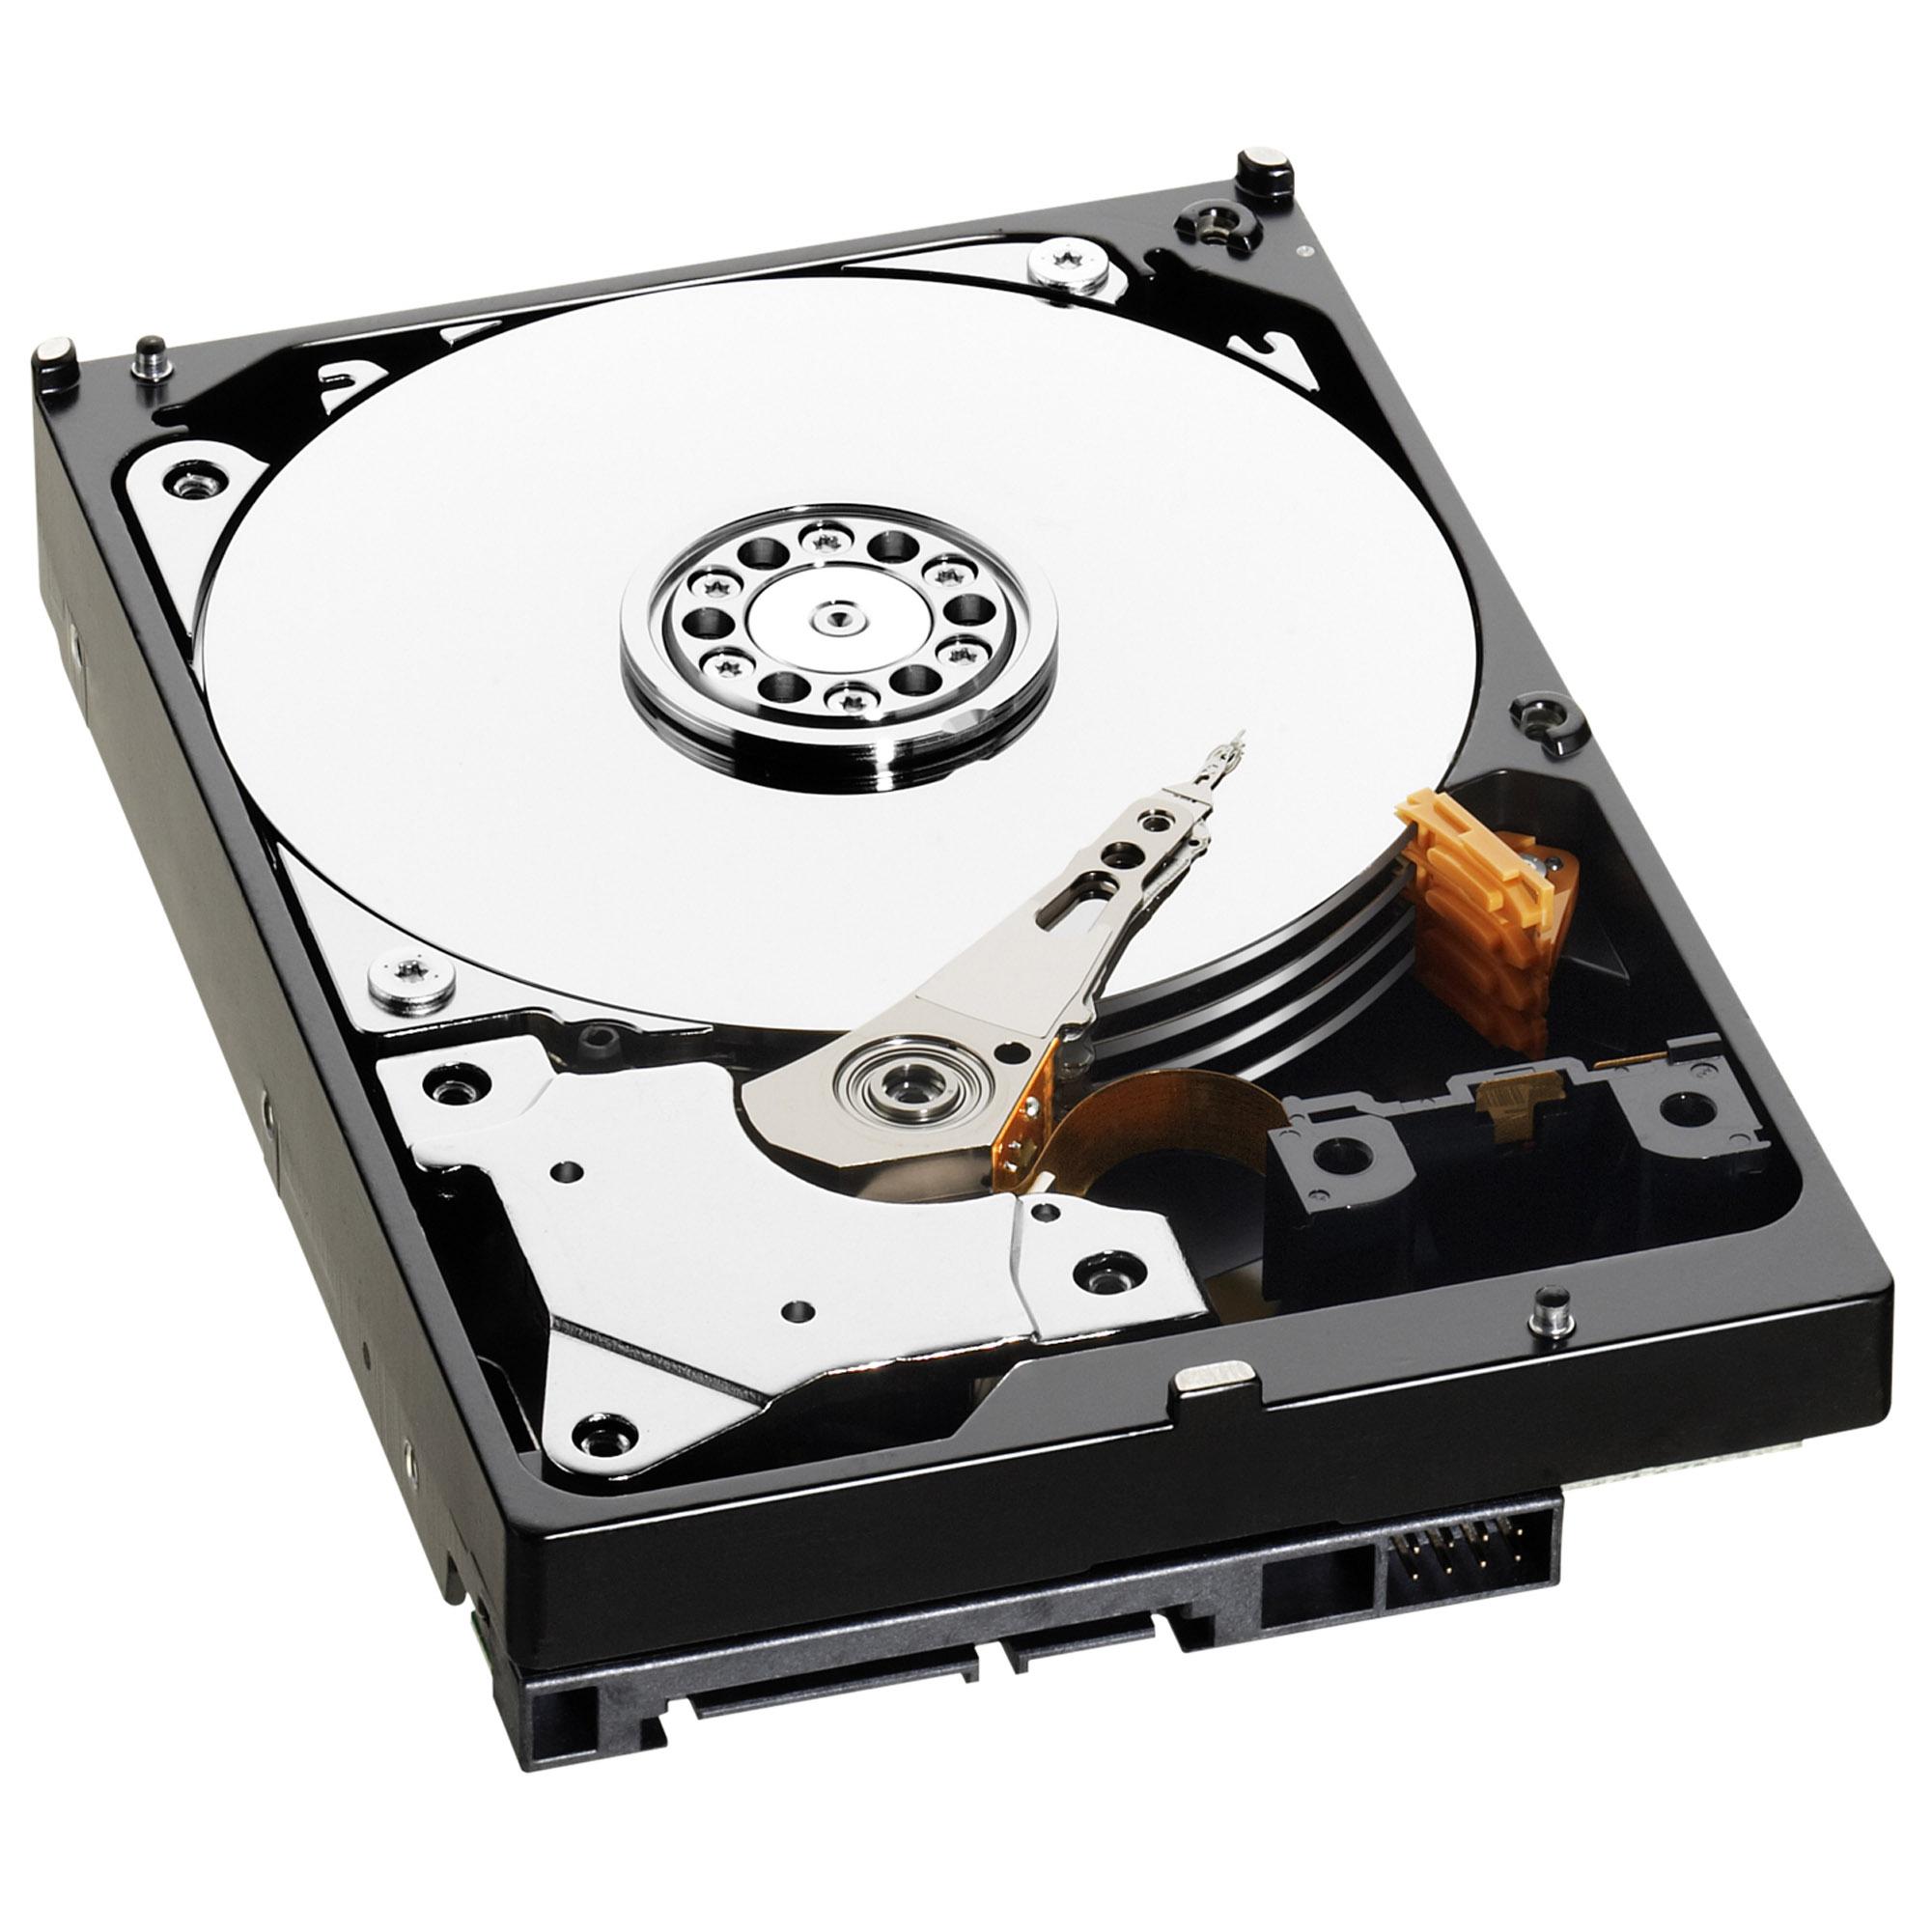 Trdi diski s kapaciteto 10 TB bodo kmalu postali del našega vsakdana!